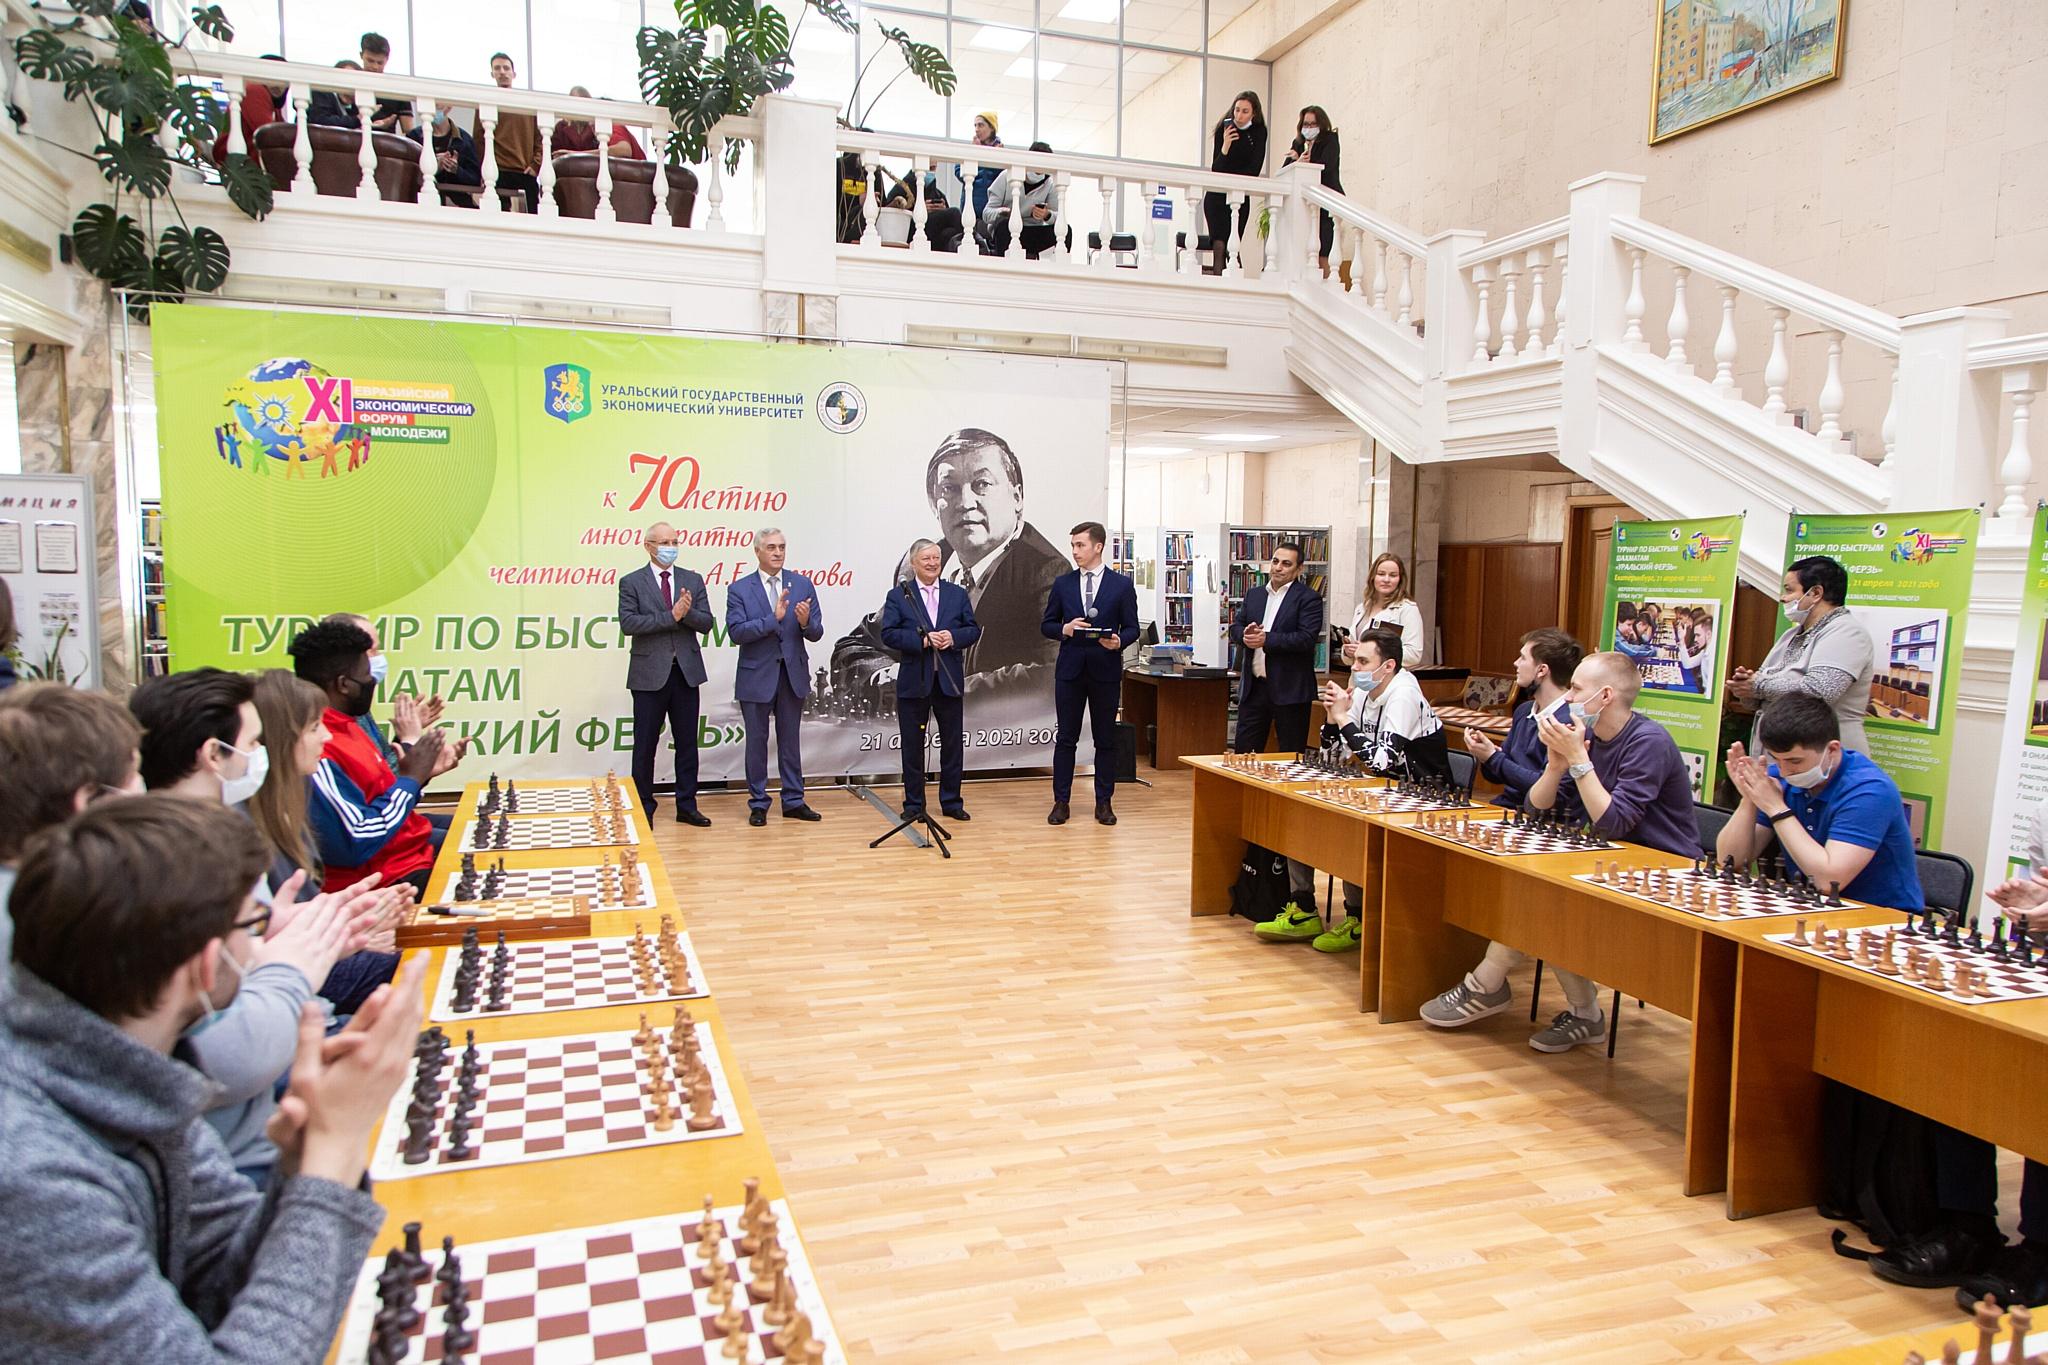 Анатолий Карпов одновременно сыграл в шахматы с 15 студентами УрГЭУ